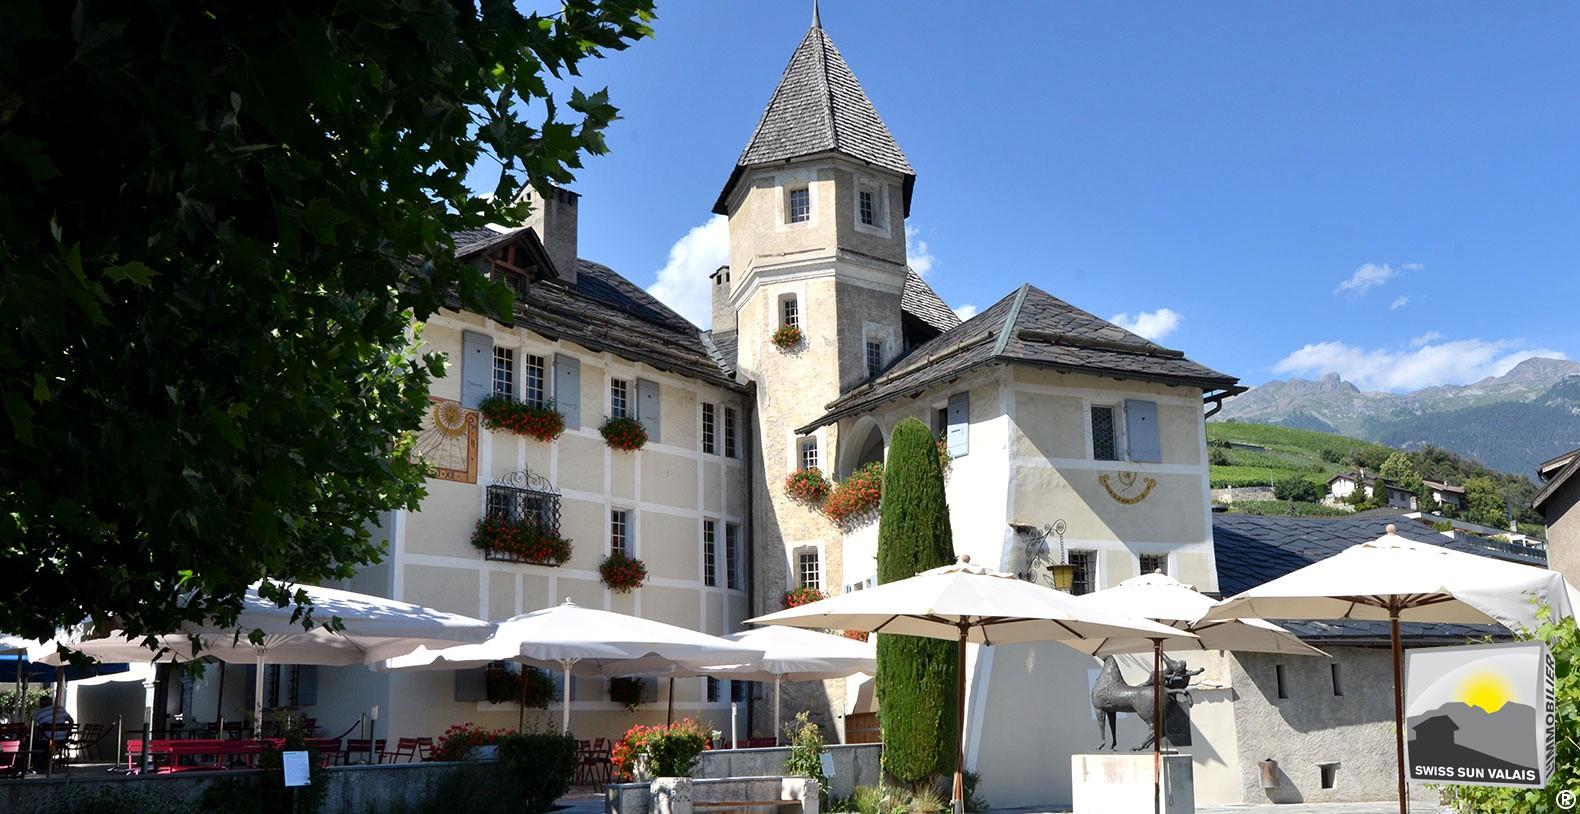 6. Swiss Sun Valais ® Vous voulez habiter à Sierre en Valais Suisse. 1er réseau immobilier du Valais ®